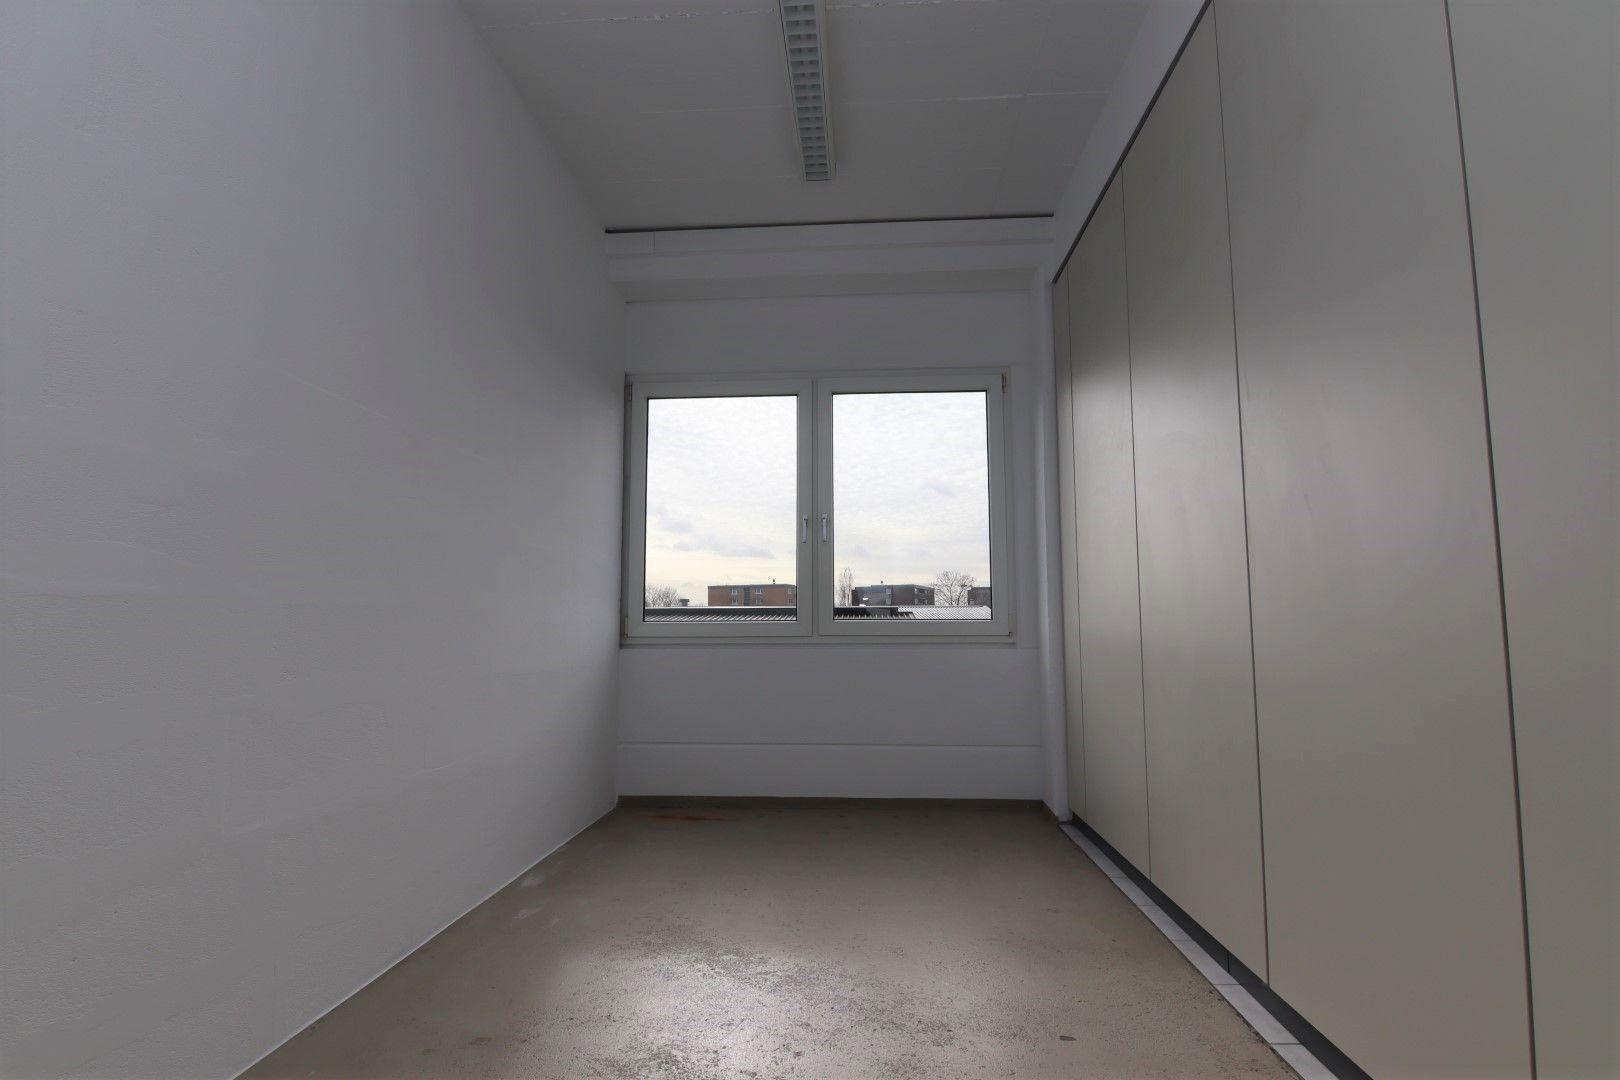 Immobilie Nr.0295 - Bürofläche mit WC-Anlage, Küche u. Aufzug - Bild 6.jpg